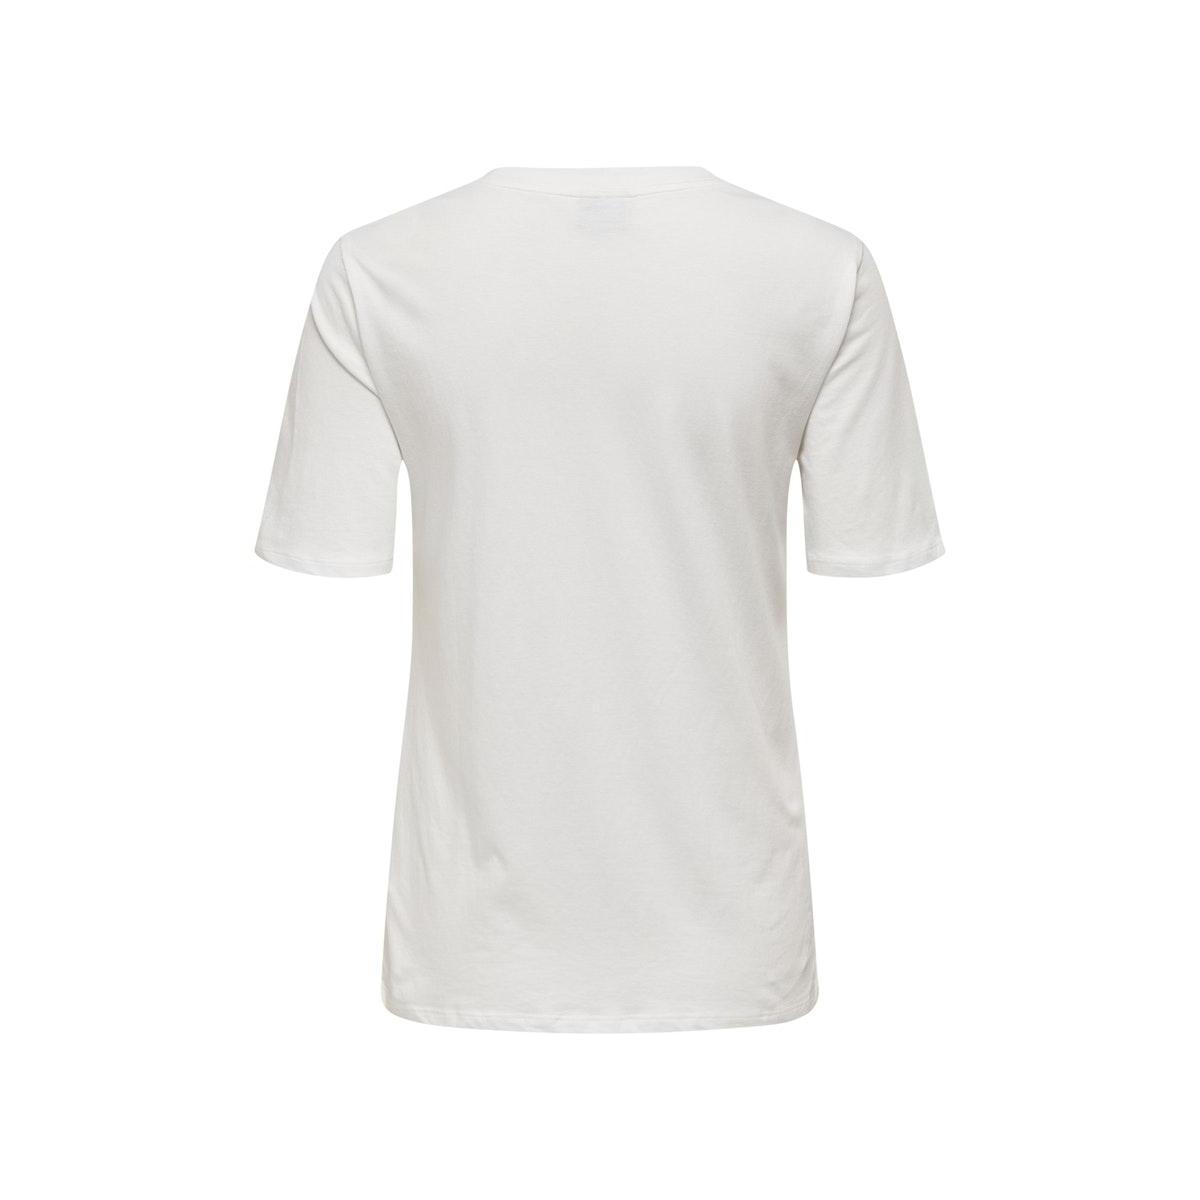 jdynatalie life s/s print top denim 15196545 jacqueline de yong t-shirt cloud dancer/collage